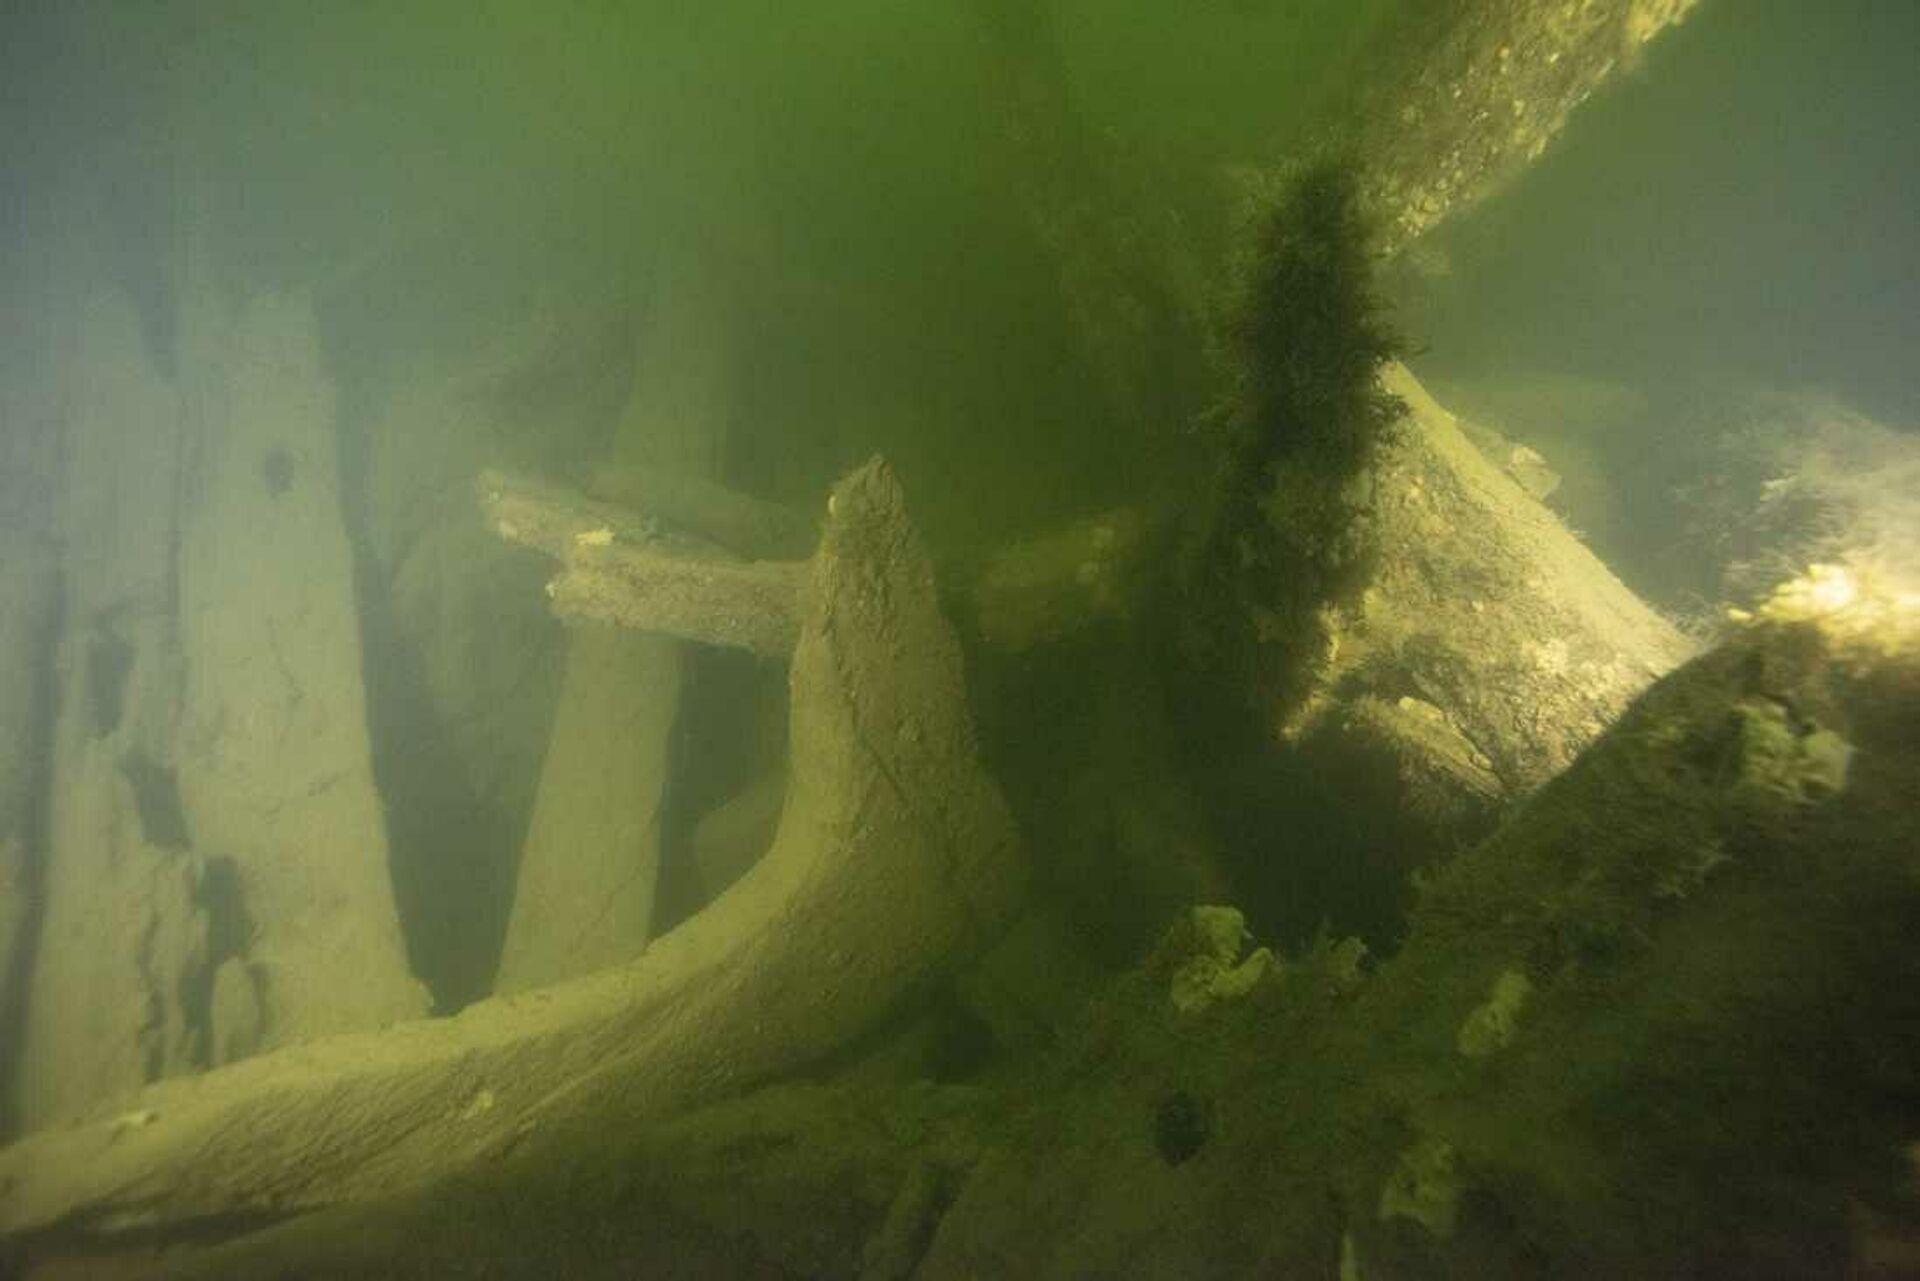 Обломки военного корабля, найденные у берегов города Ваксхольм в Швеции - РИА Новости, 1920, 17.09.2020